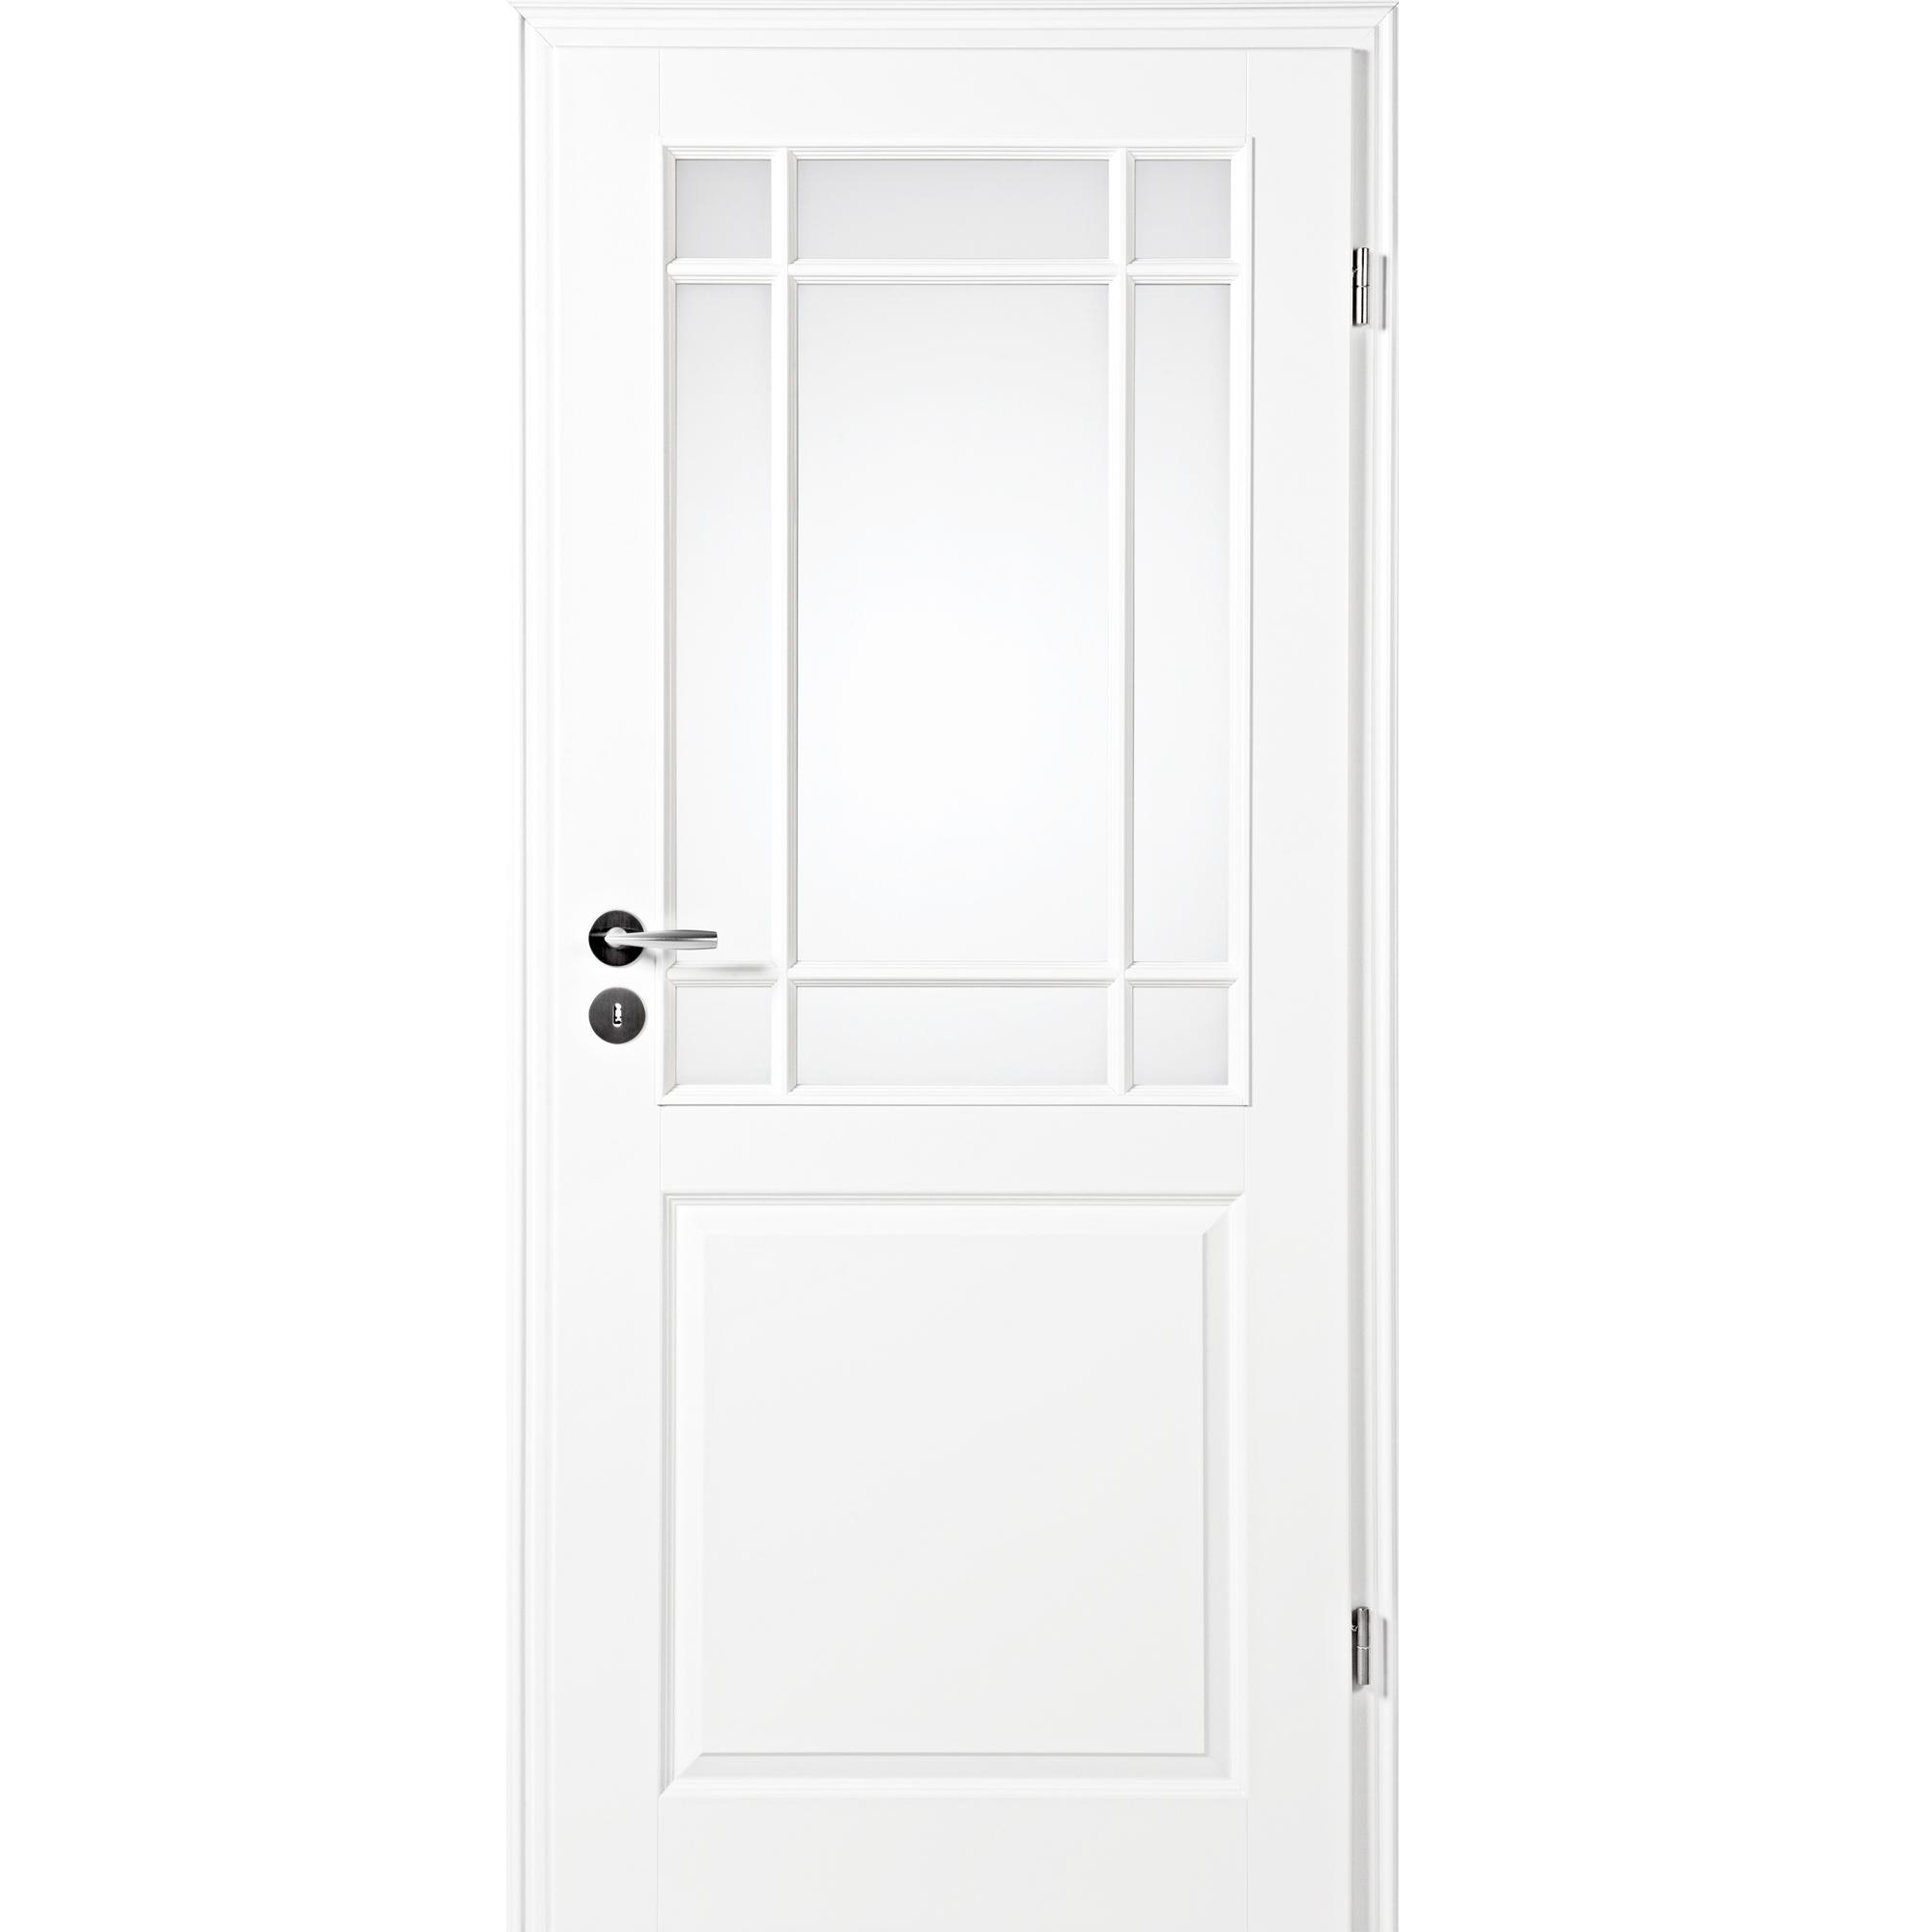 zimmert r mit zarge narva 3f la 9fg wei lack lichtausschnitt rundkante kp holz shop. Black Bedroom Furniture Sets. Home Design Ideas